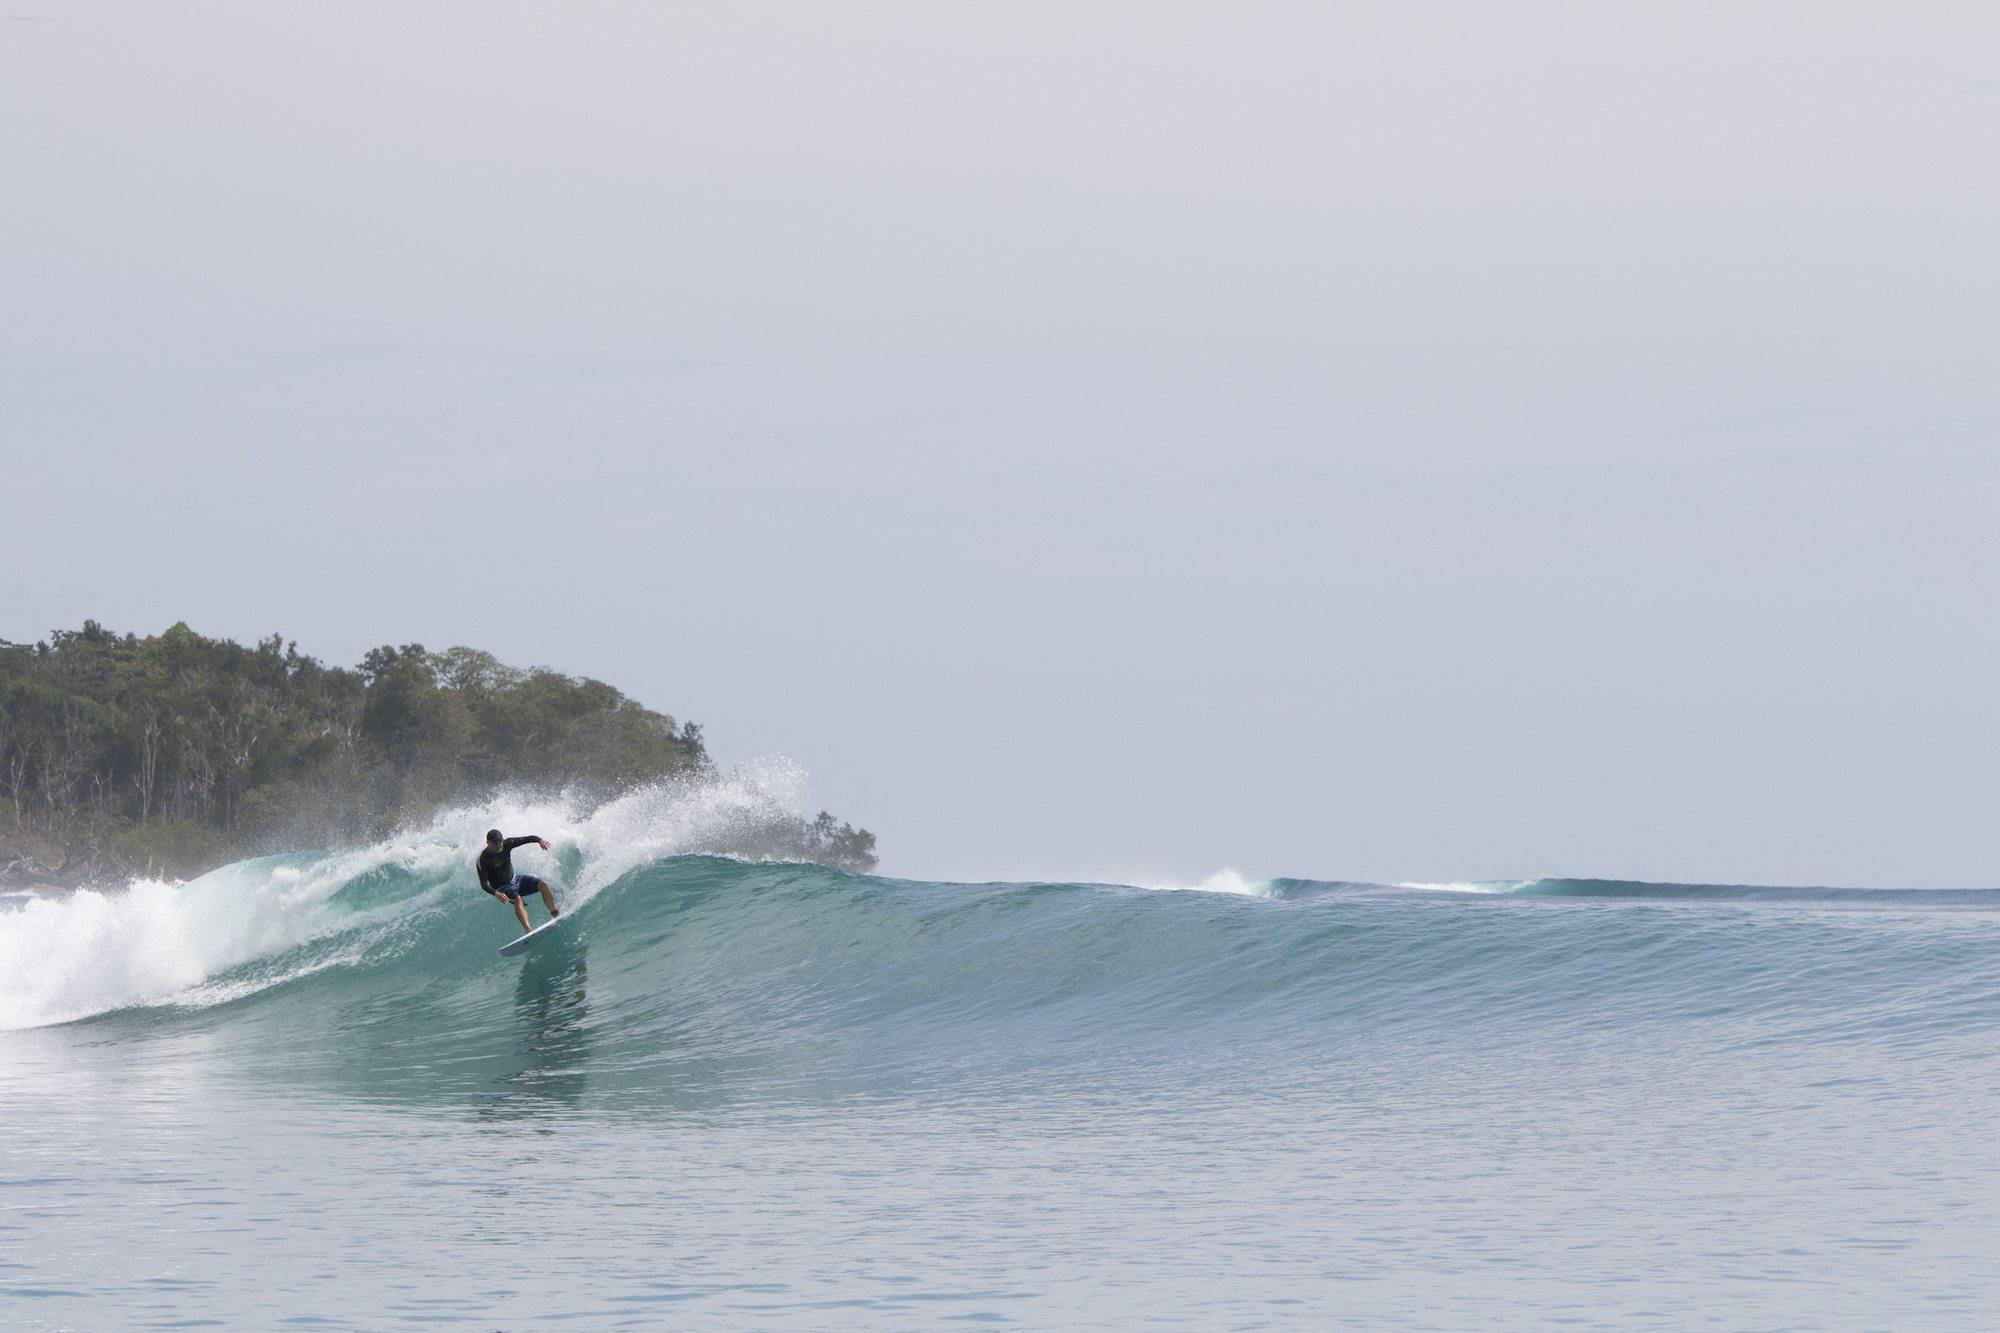 surfer surfing by surf banyak